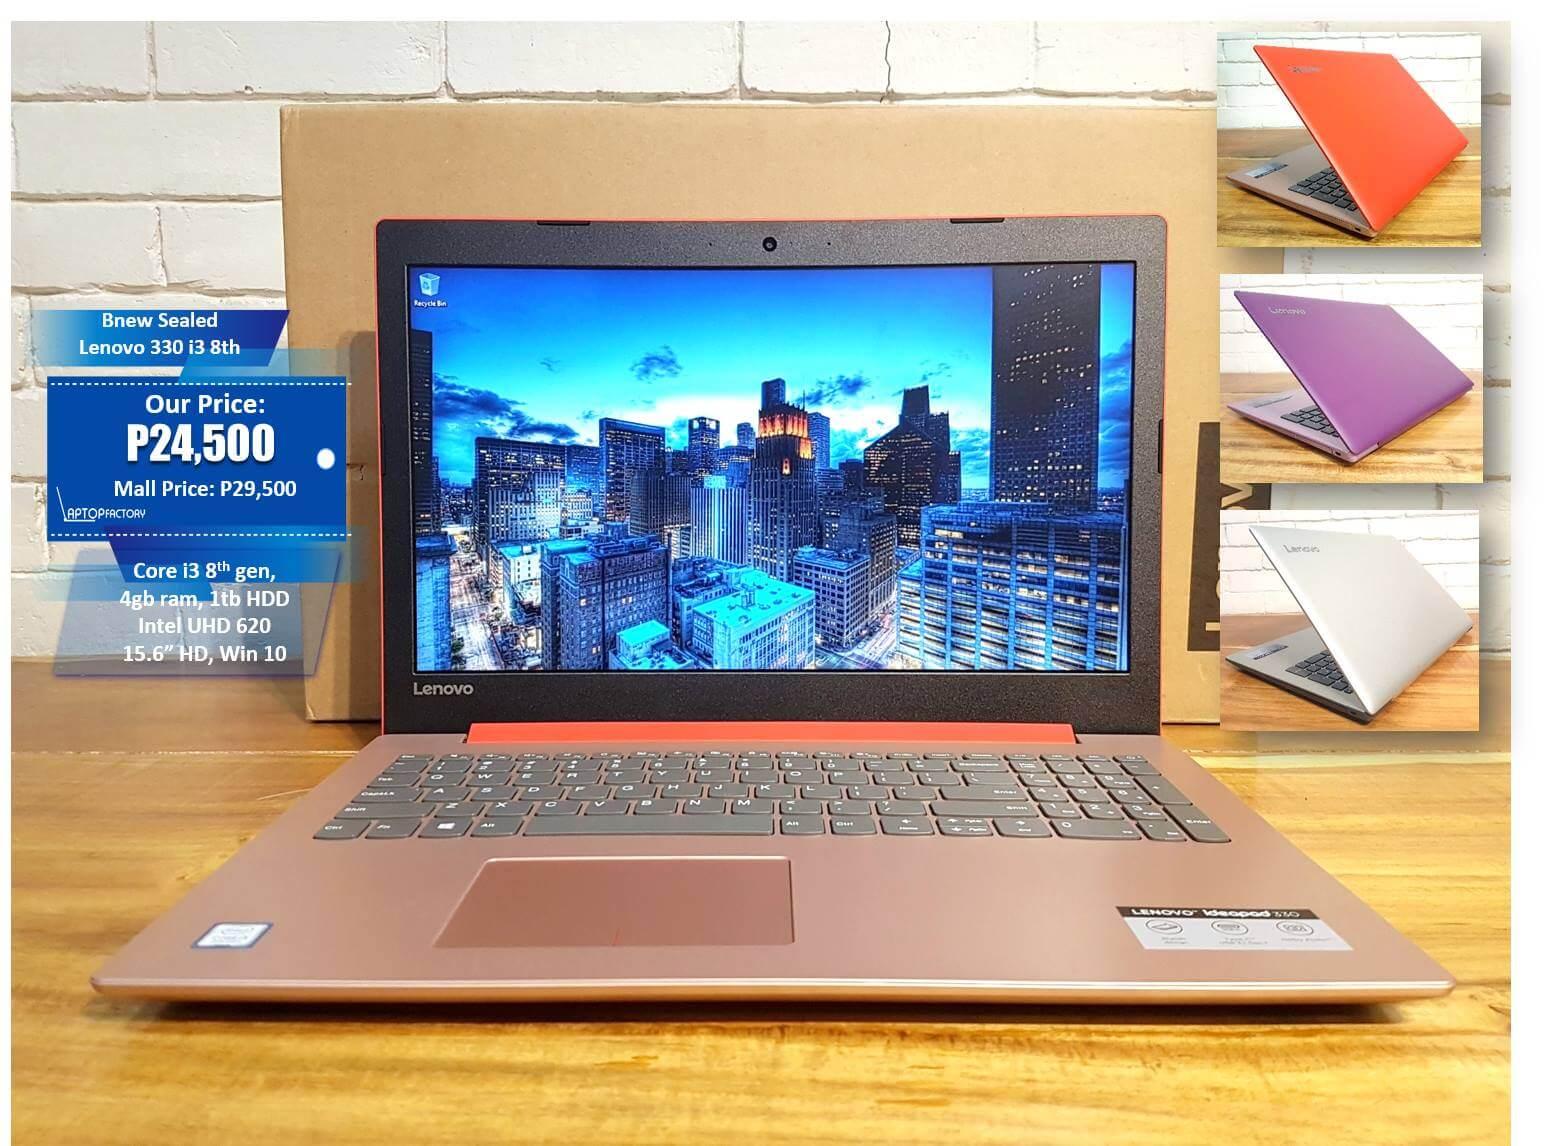 Brandnew Lenovo Laptop